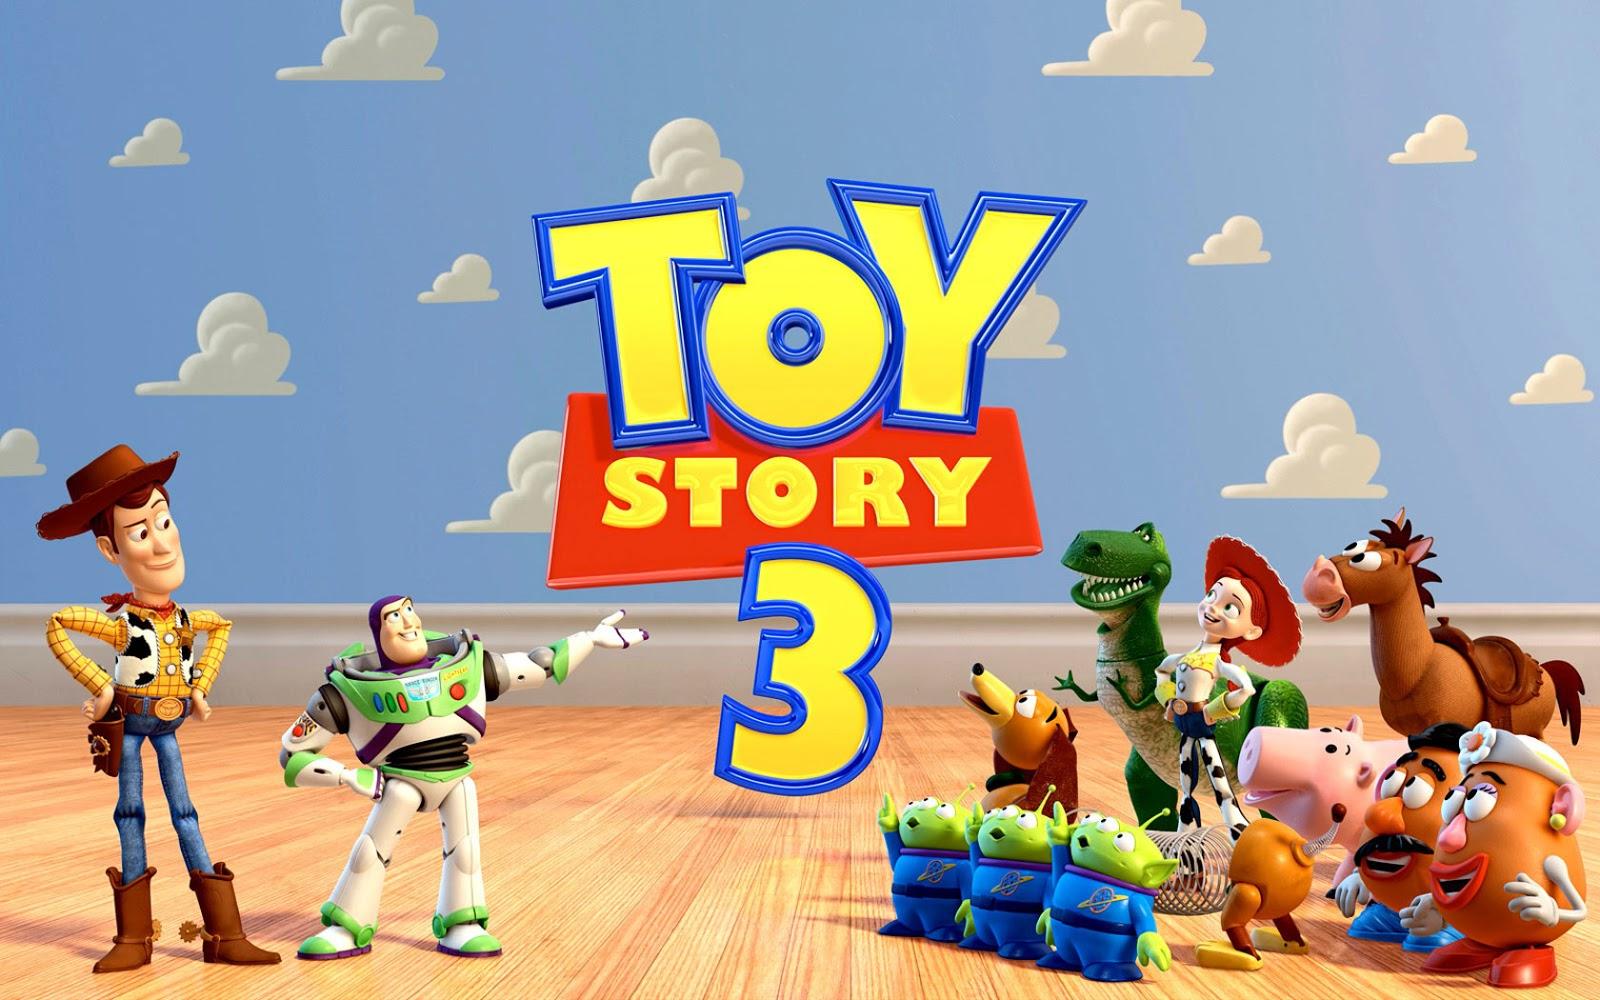 Pixar juega con nuestra nostalgia  es asi que 11 años despues de Toy Story  2 801f87d253b